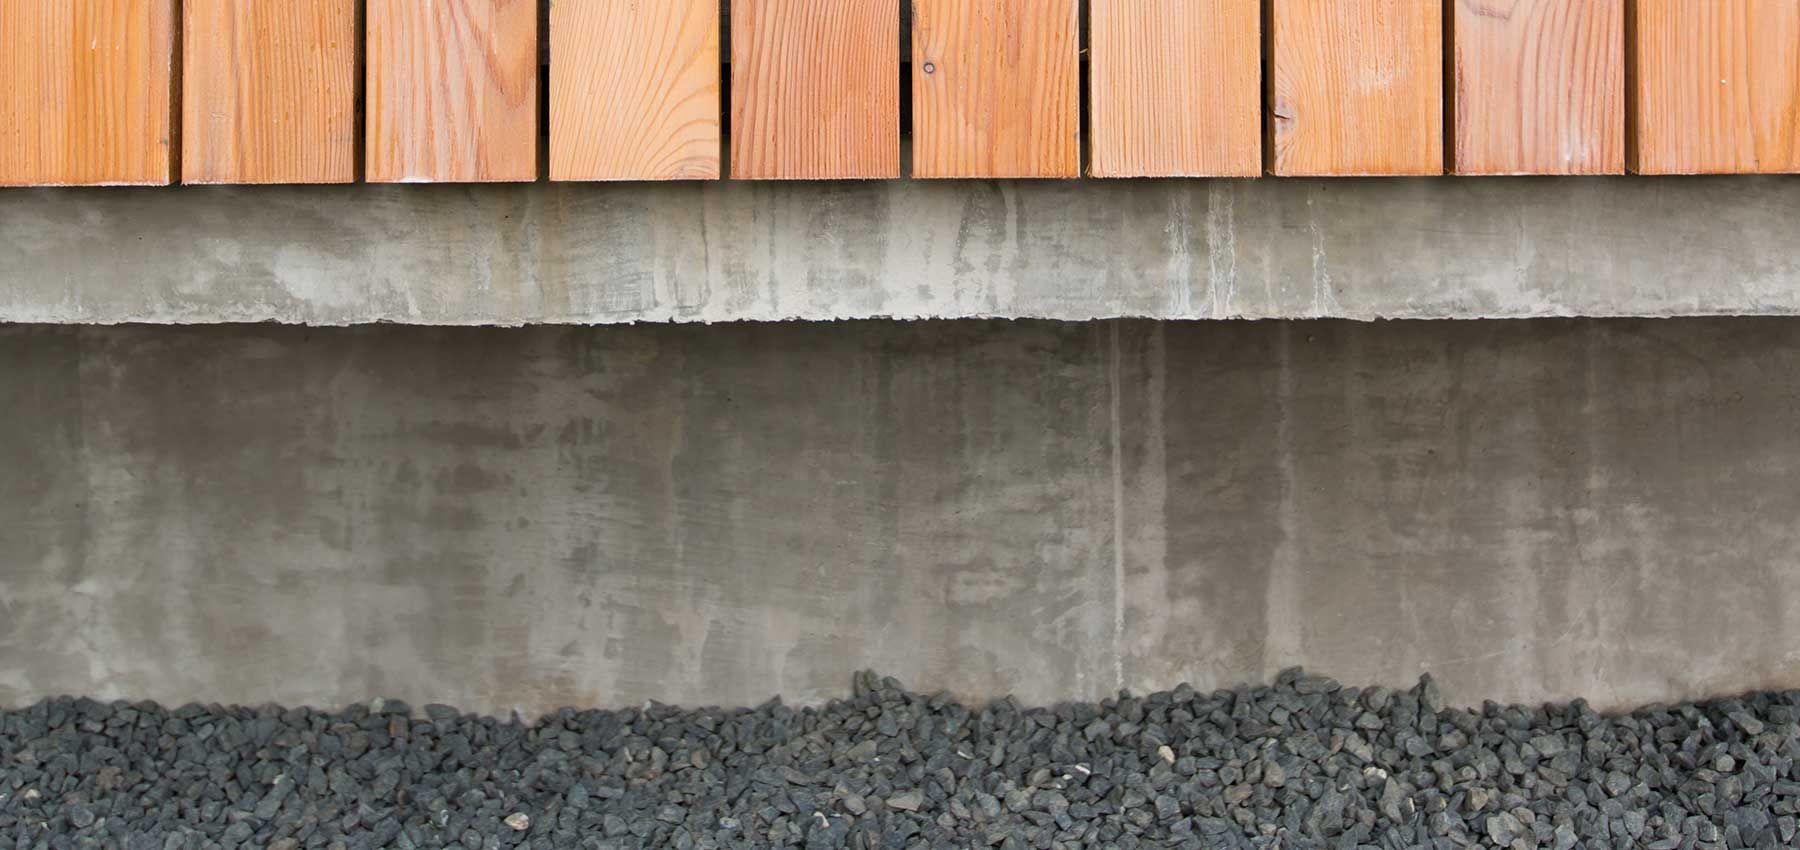 nested house foundation